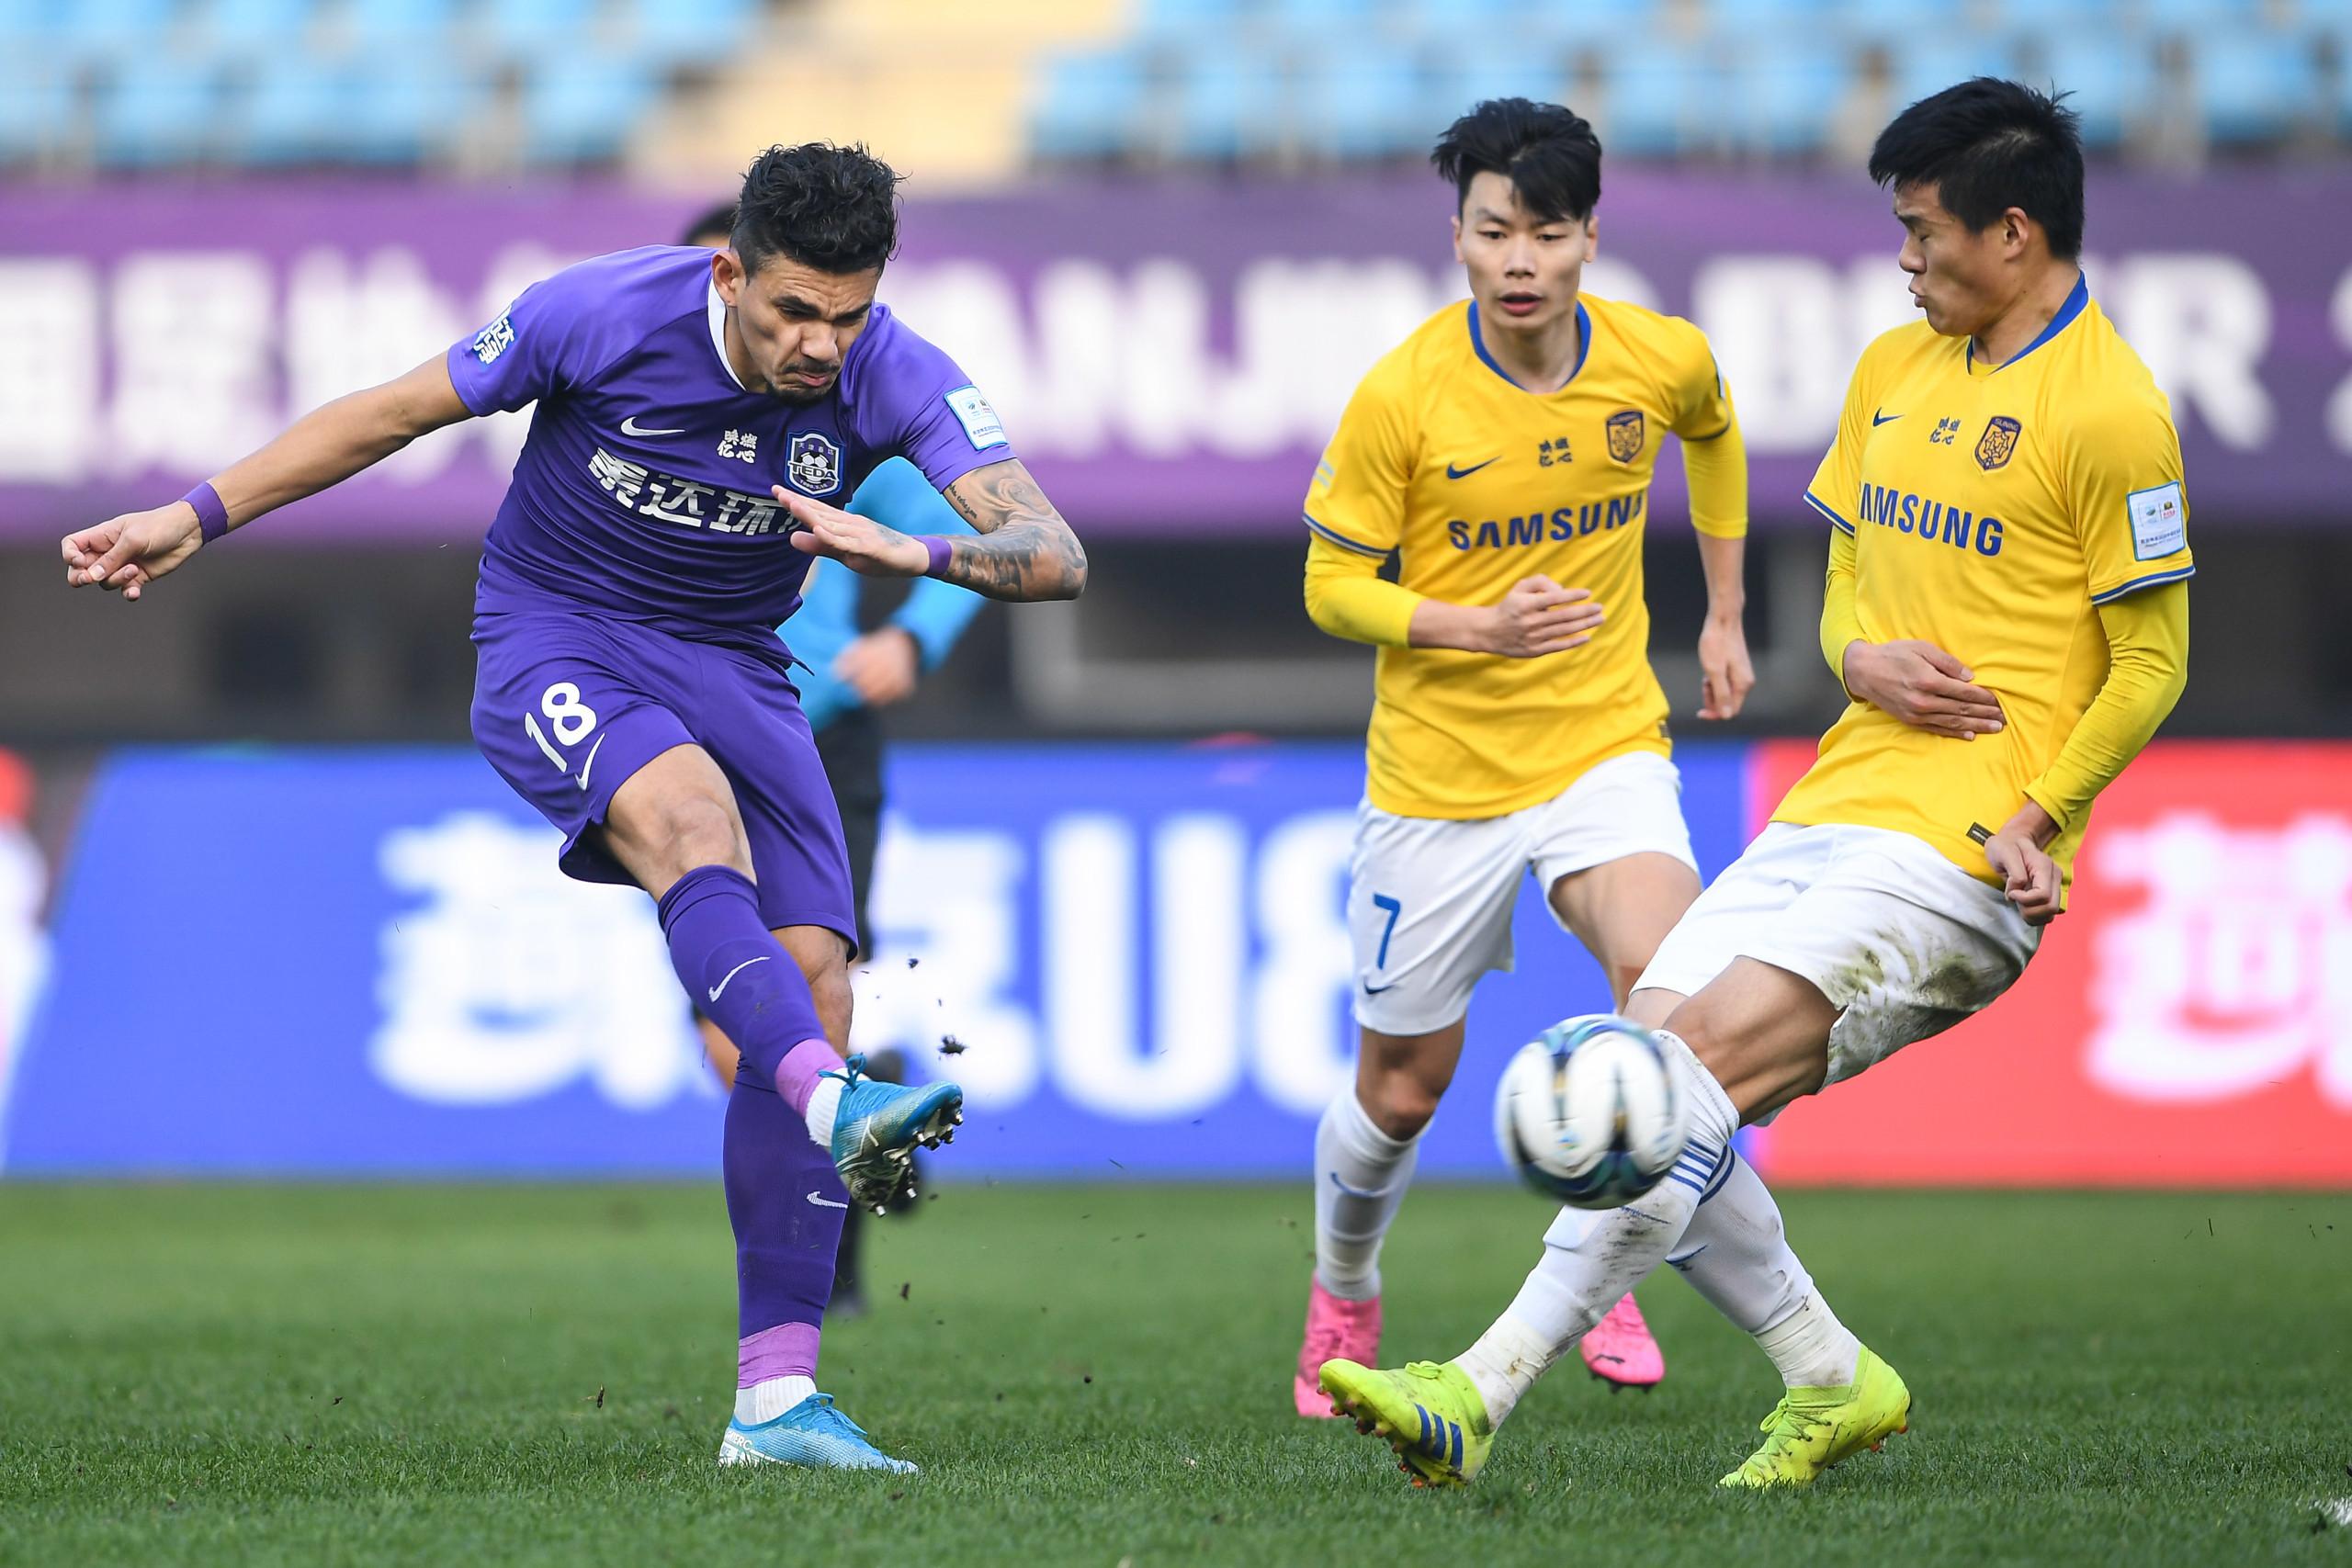 足协杯:苏缘杰、刘洋失点,江苏总比分5-3泰达晋级决赛